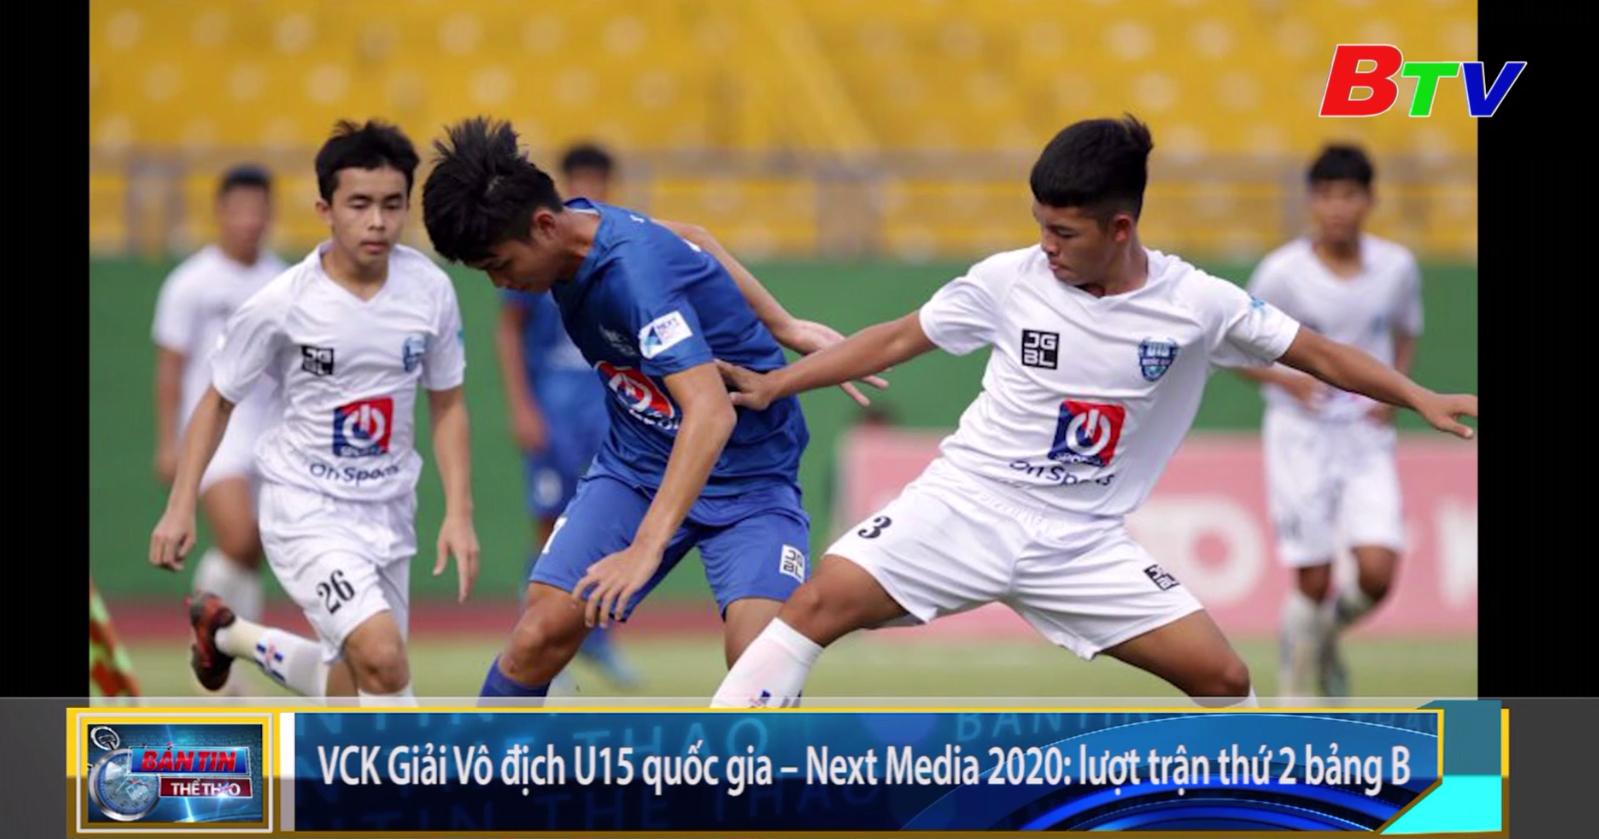 Vòng chung kết Giải bóng đá vô địch U15 Quốc gia - Next Media 2020 – Lượt trận thứ 2 bảng B